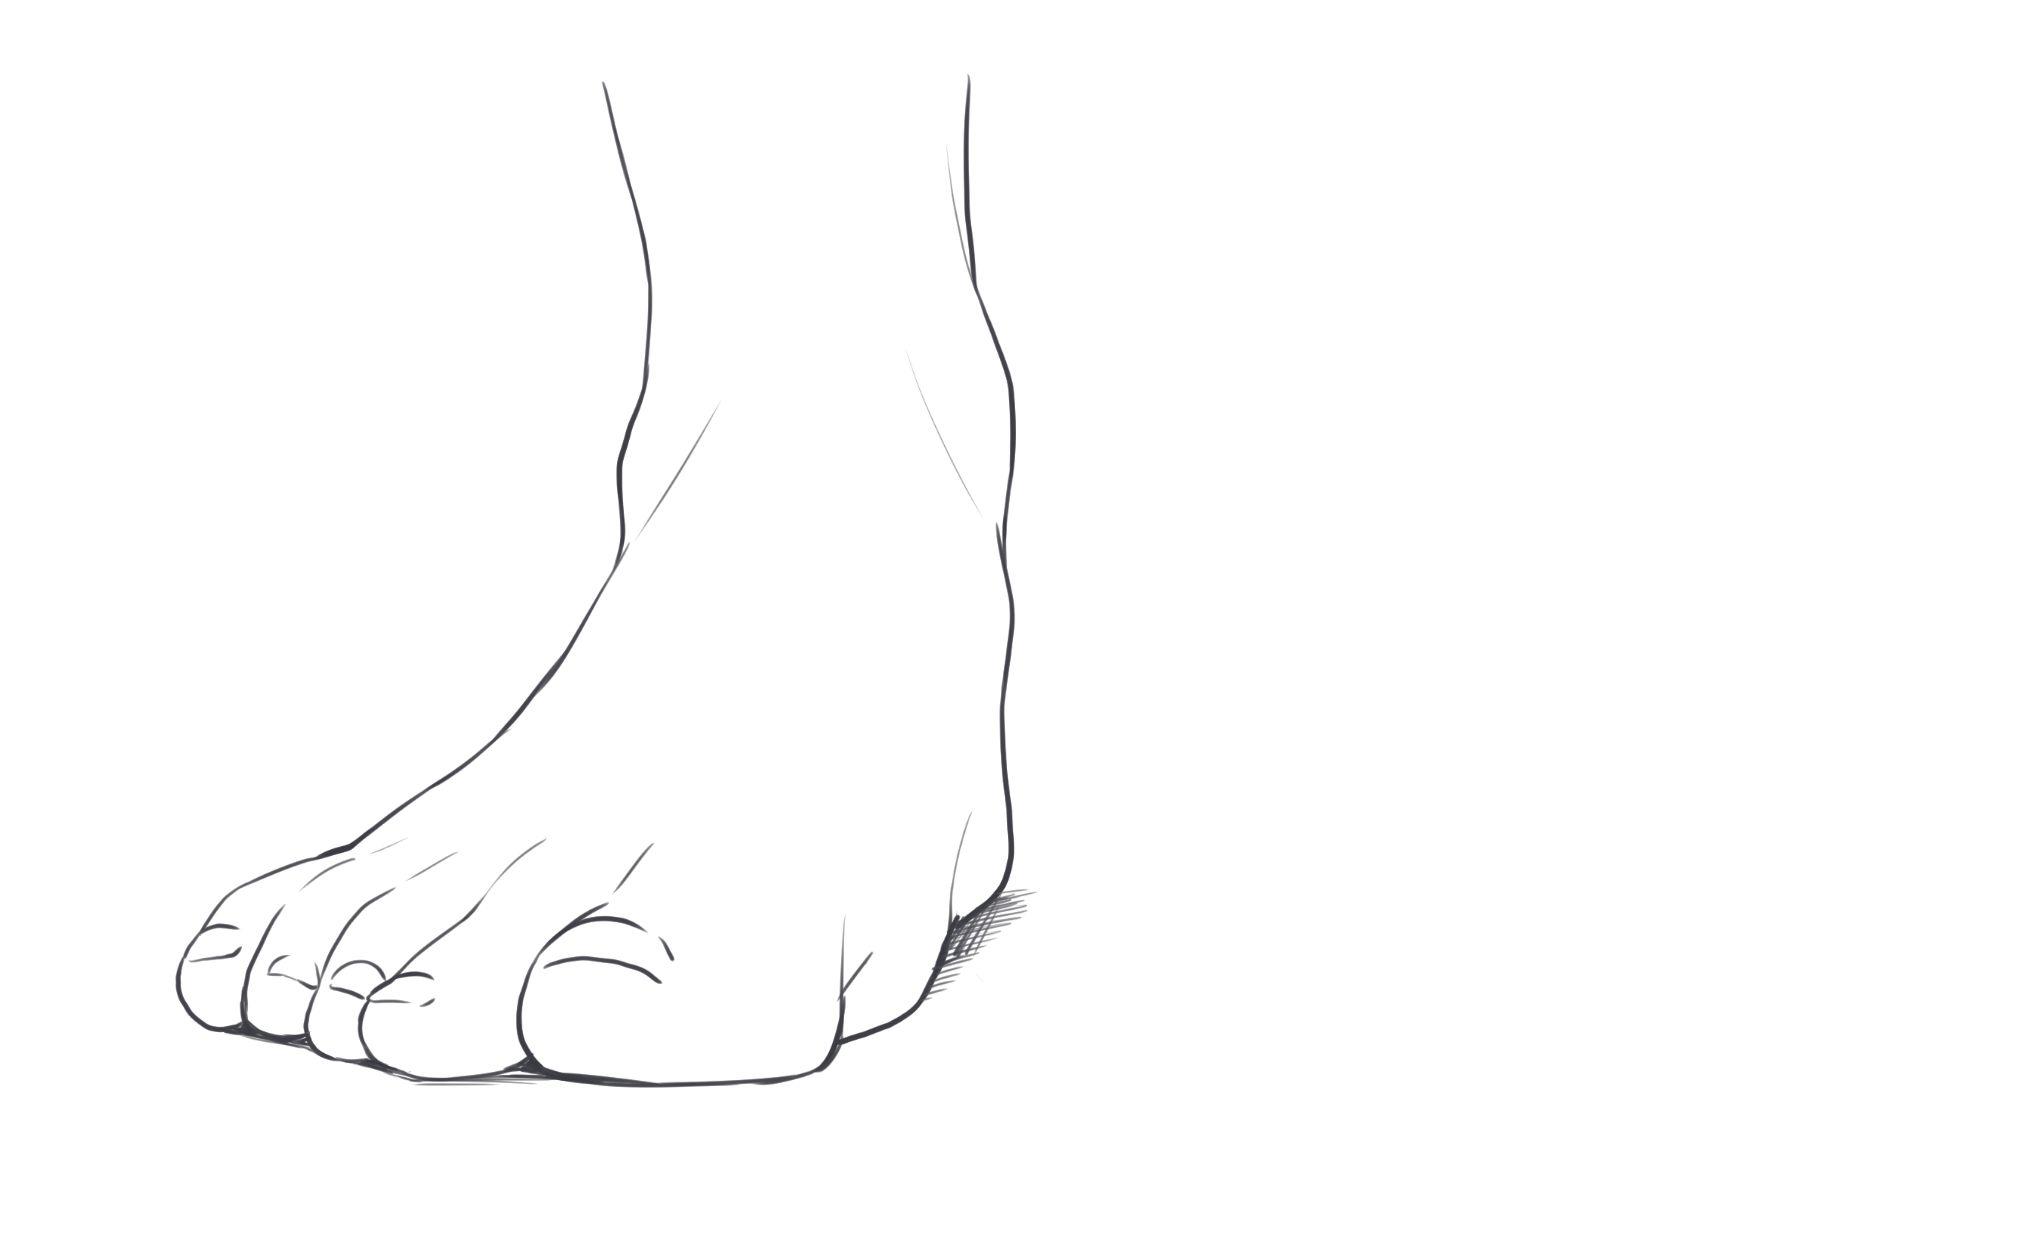 パーツ分けで描ける! 足の描き方講座 | イラスト・マンガ描き方ナビ